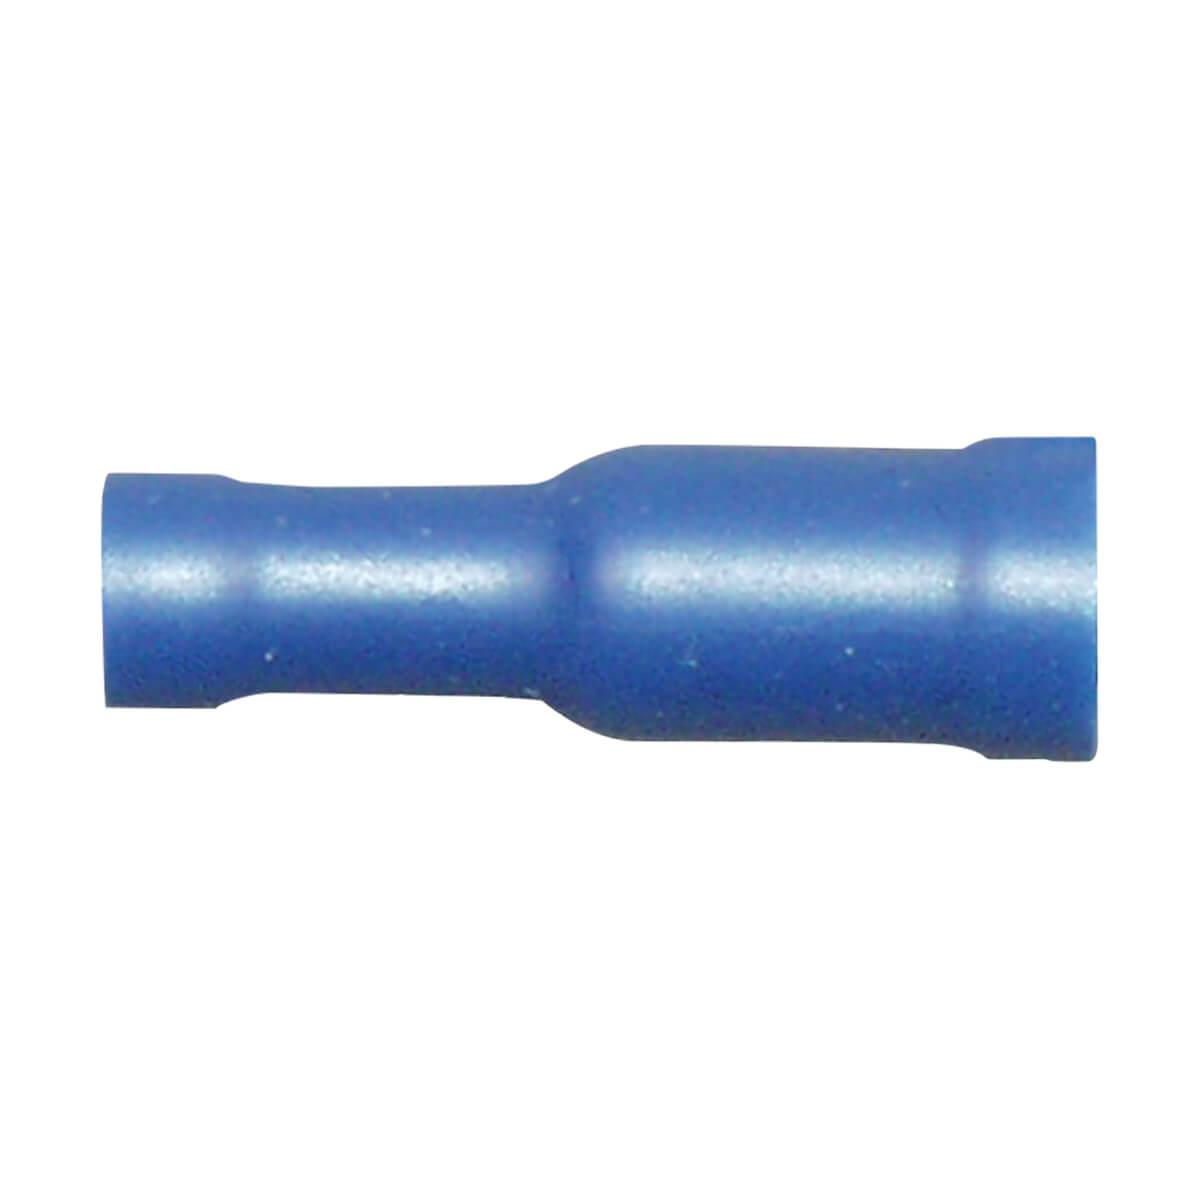 PVC Female Bullet Terminal 0.157 Stud - 16-14 Gauge - 10 Pack